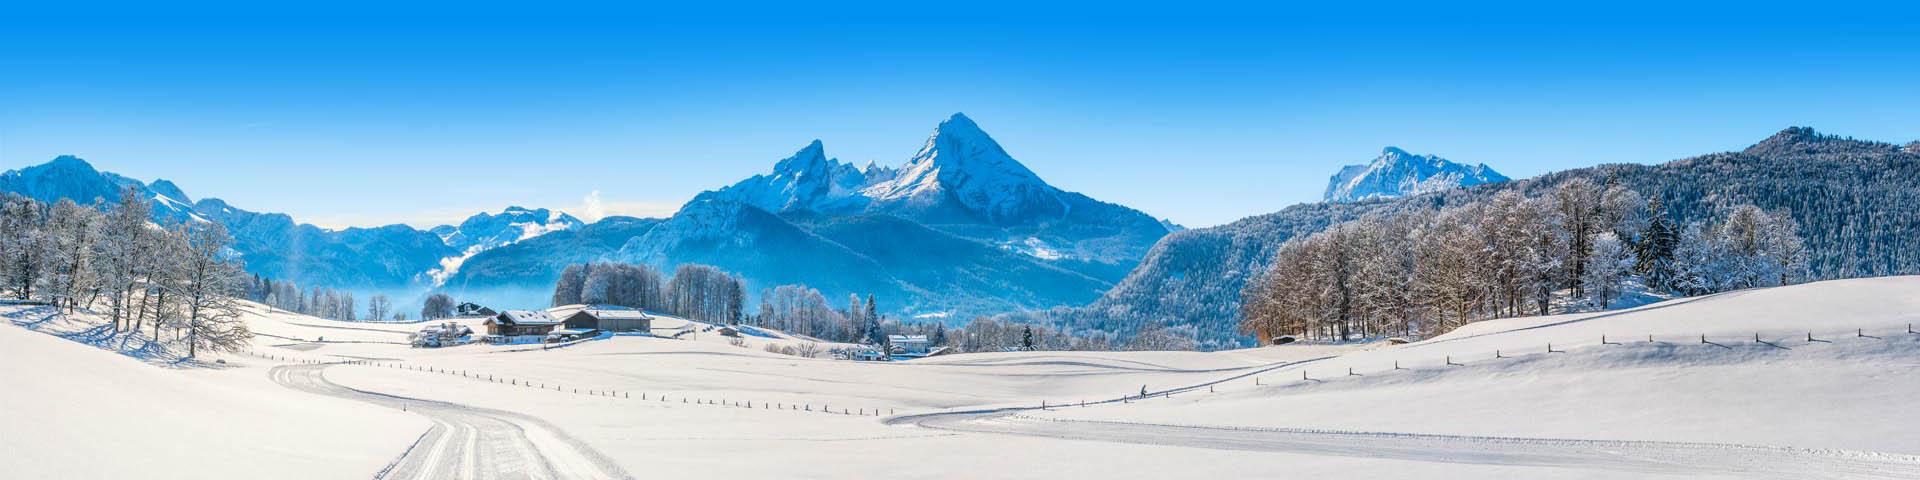 Prachtig besneeuwd landschap in de Duitse bergen